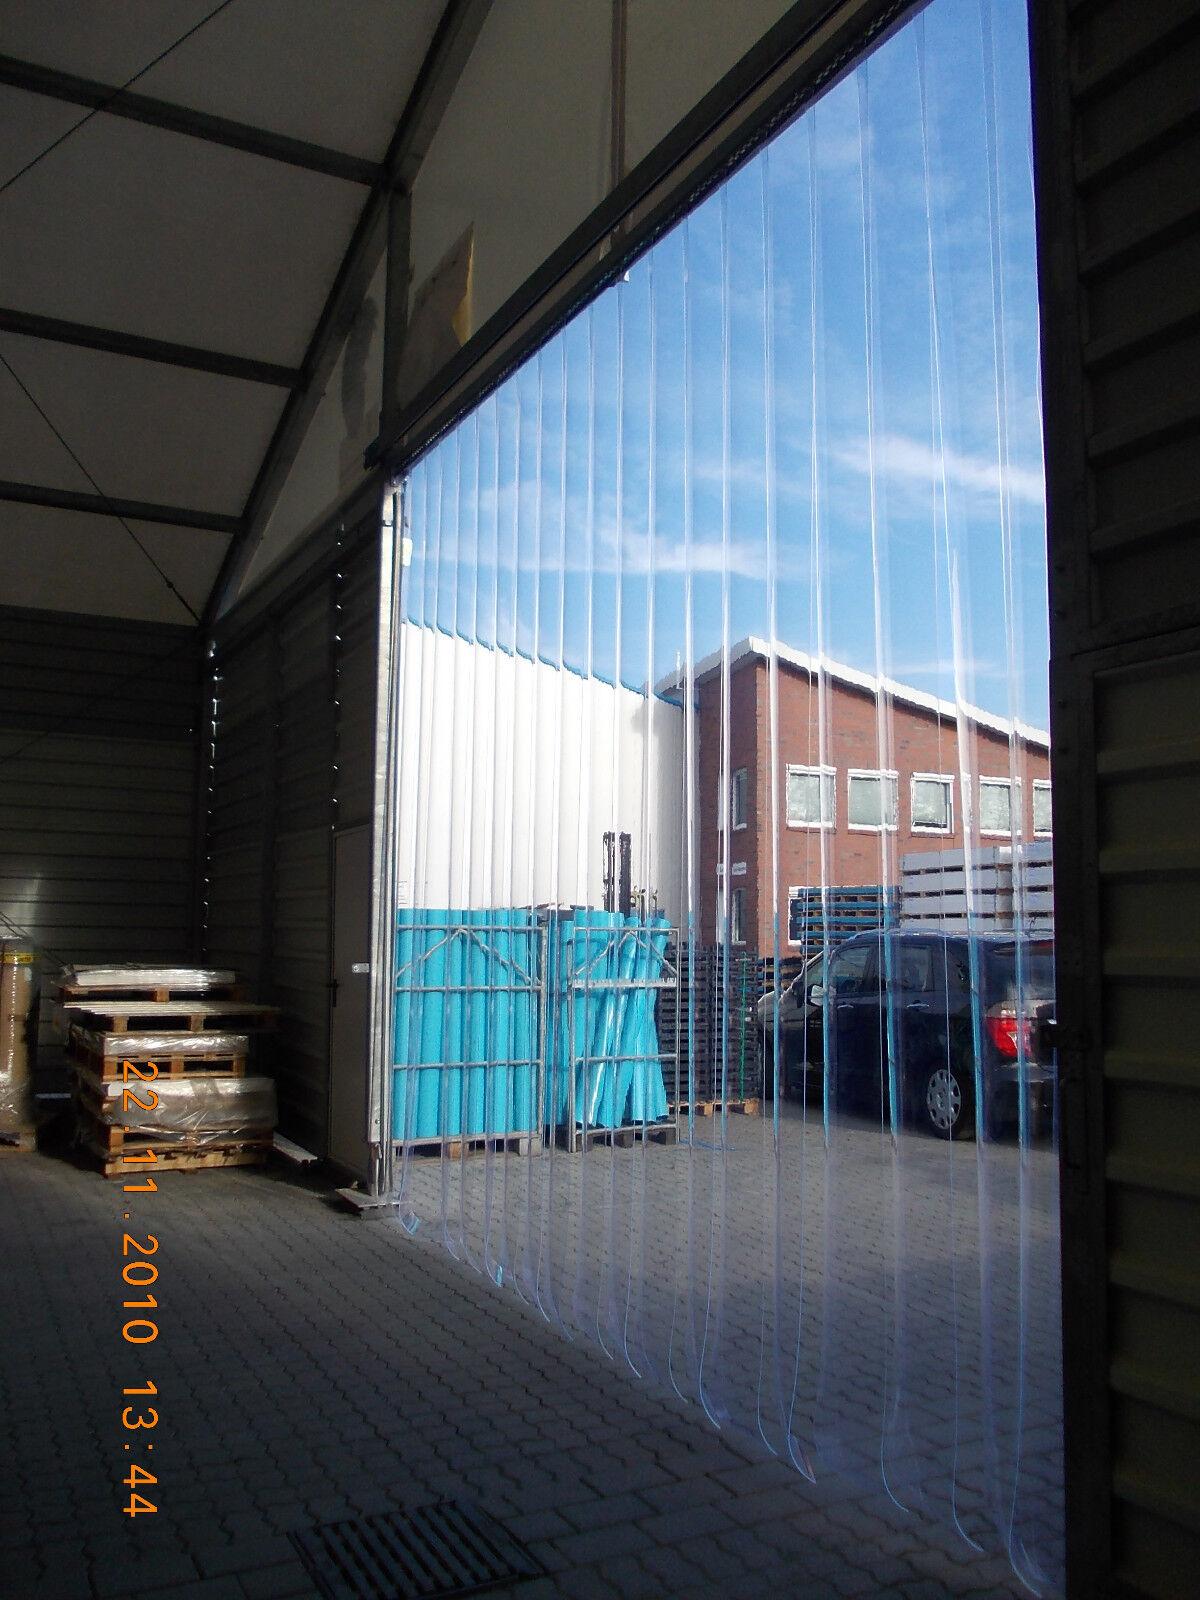 Streifenvorhang Weich PVC (Breite/Höhe) 1,25 m x 2,25 m   300 x 3 mmkomplett: inkl. Anbauteile